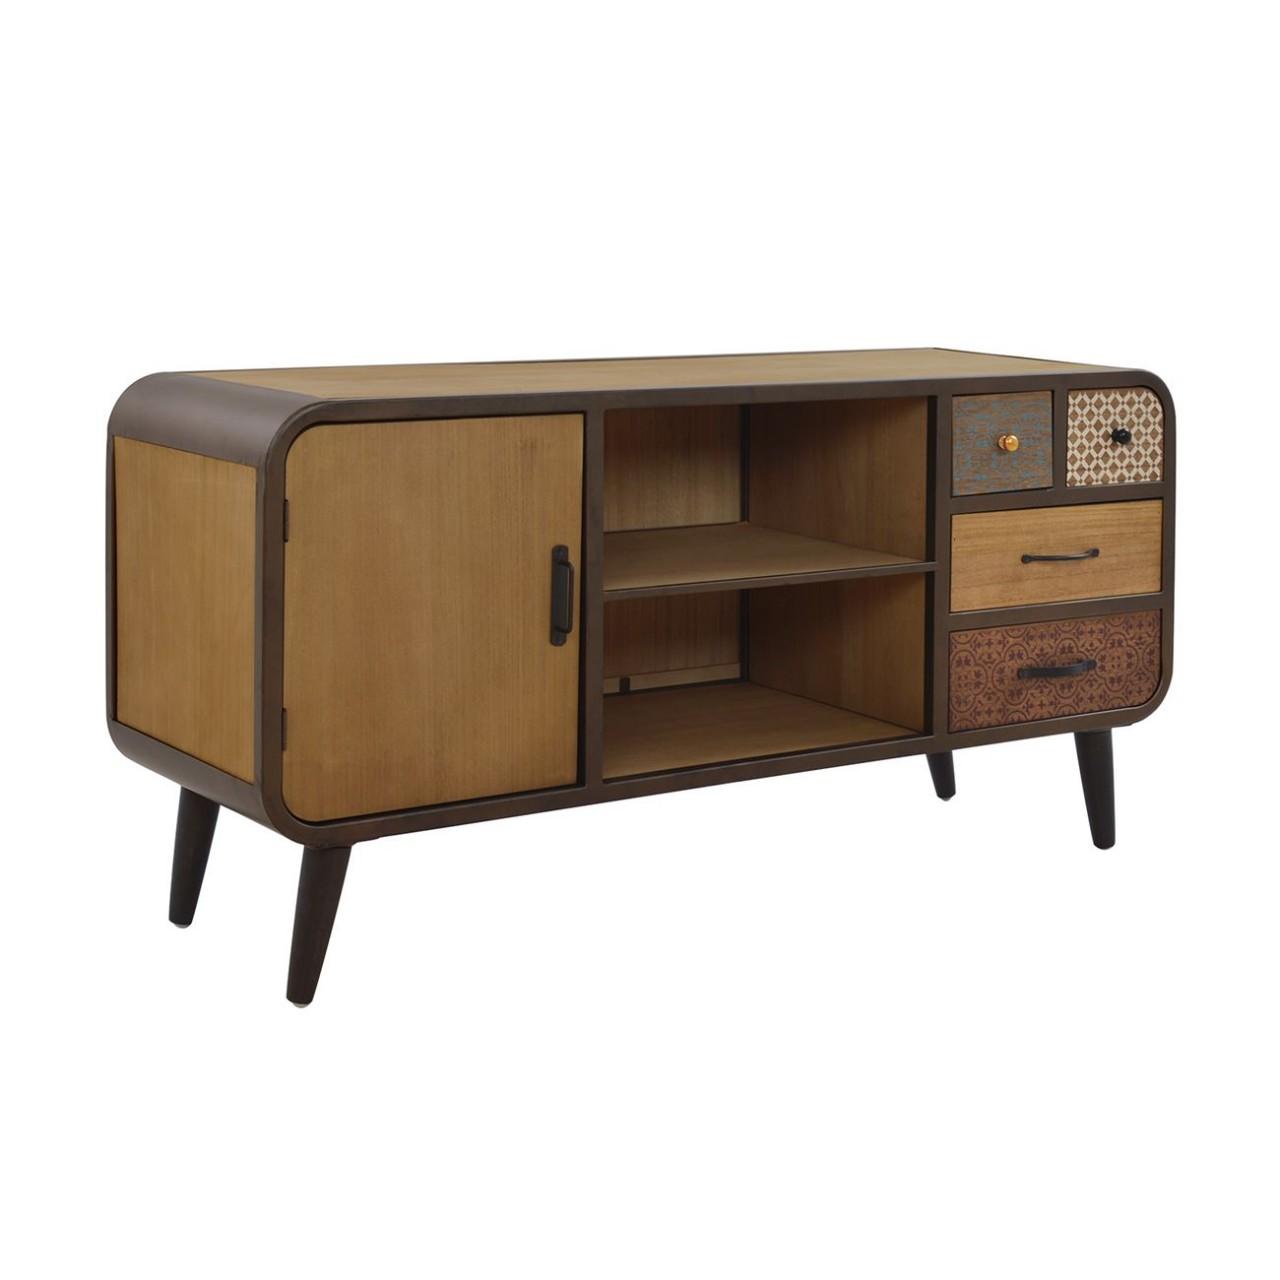 TV Furniture Hippy Living Room Furniture